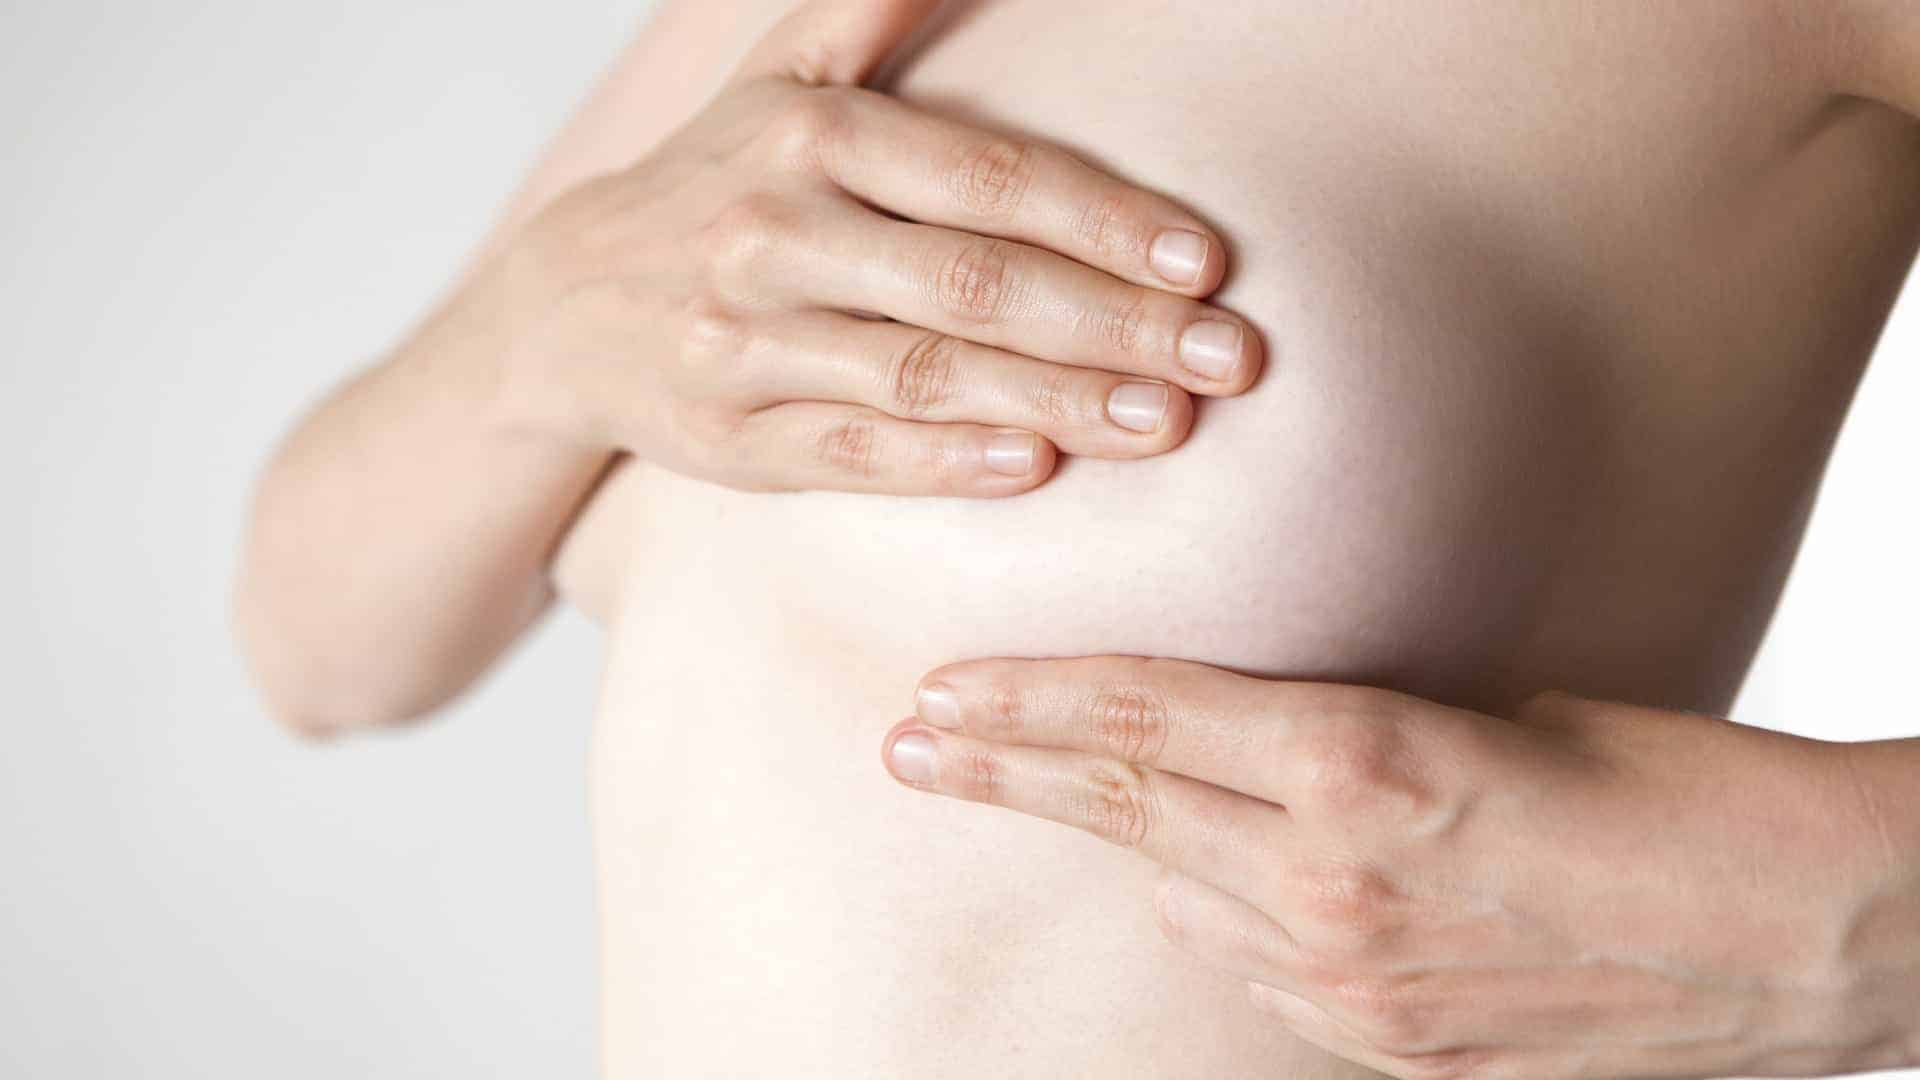 Dor na mama: principais causas e tratamentos